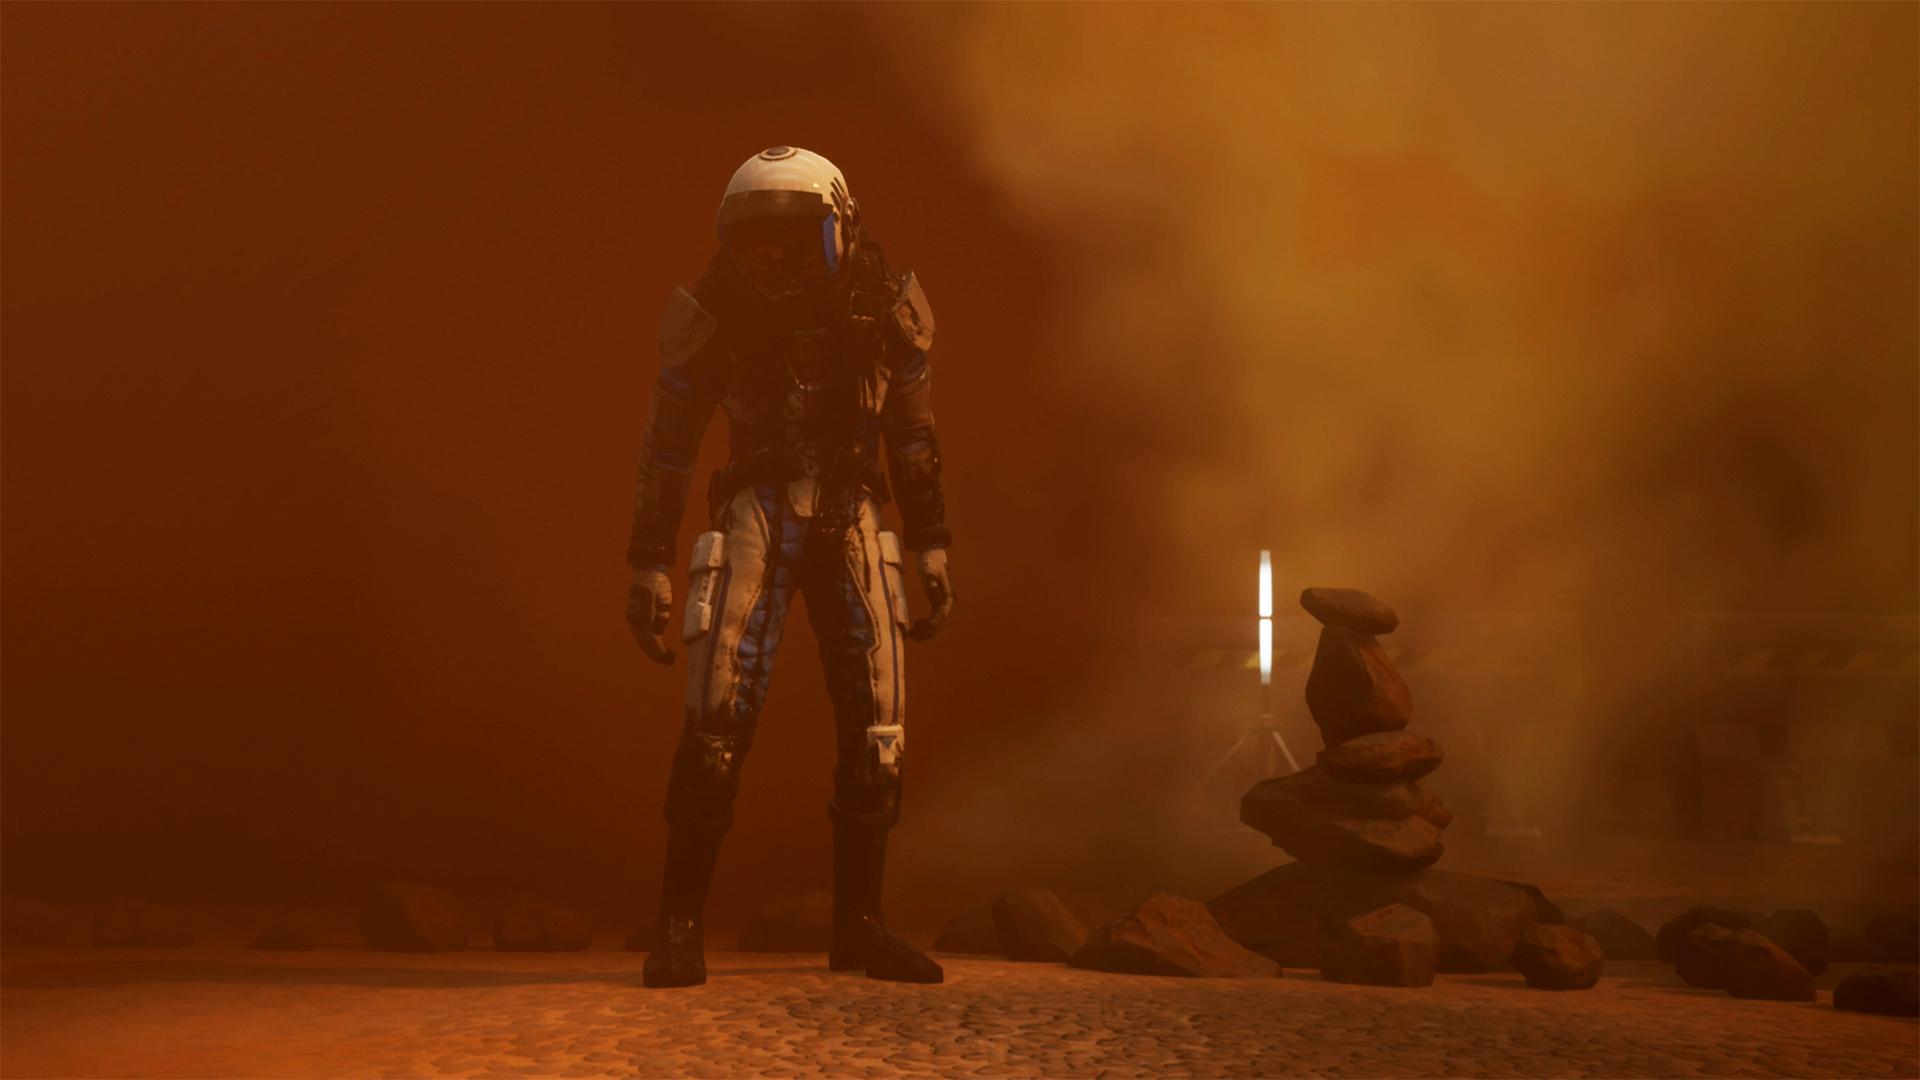 太空克苏鲁 科幻恐怖游戏《疯狂之月》新预告片